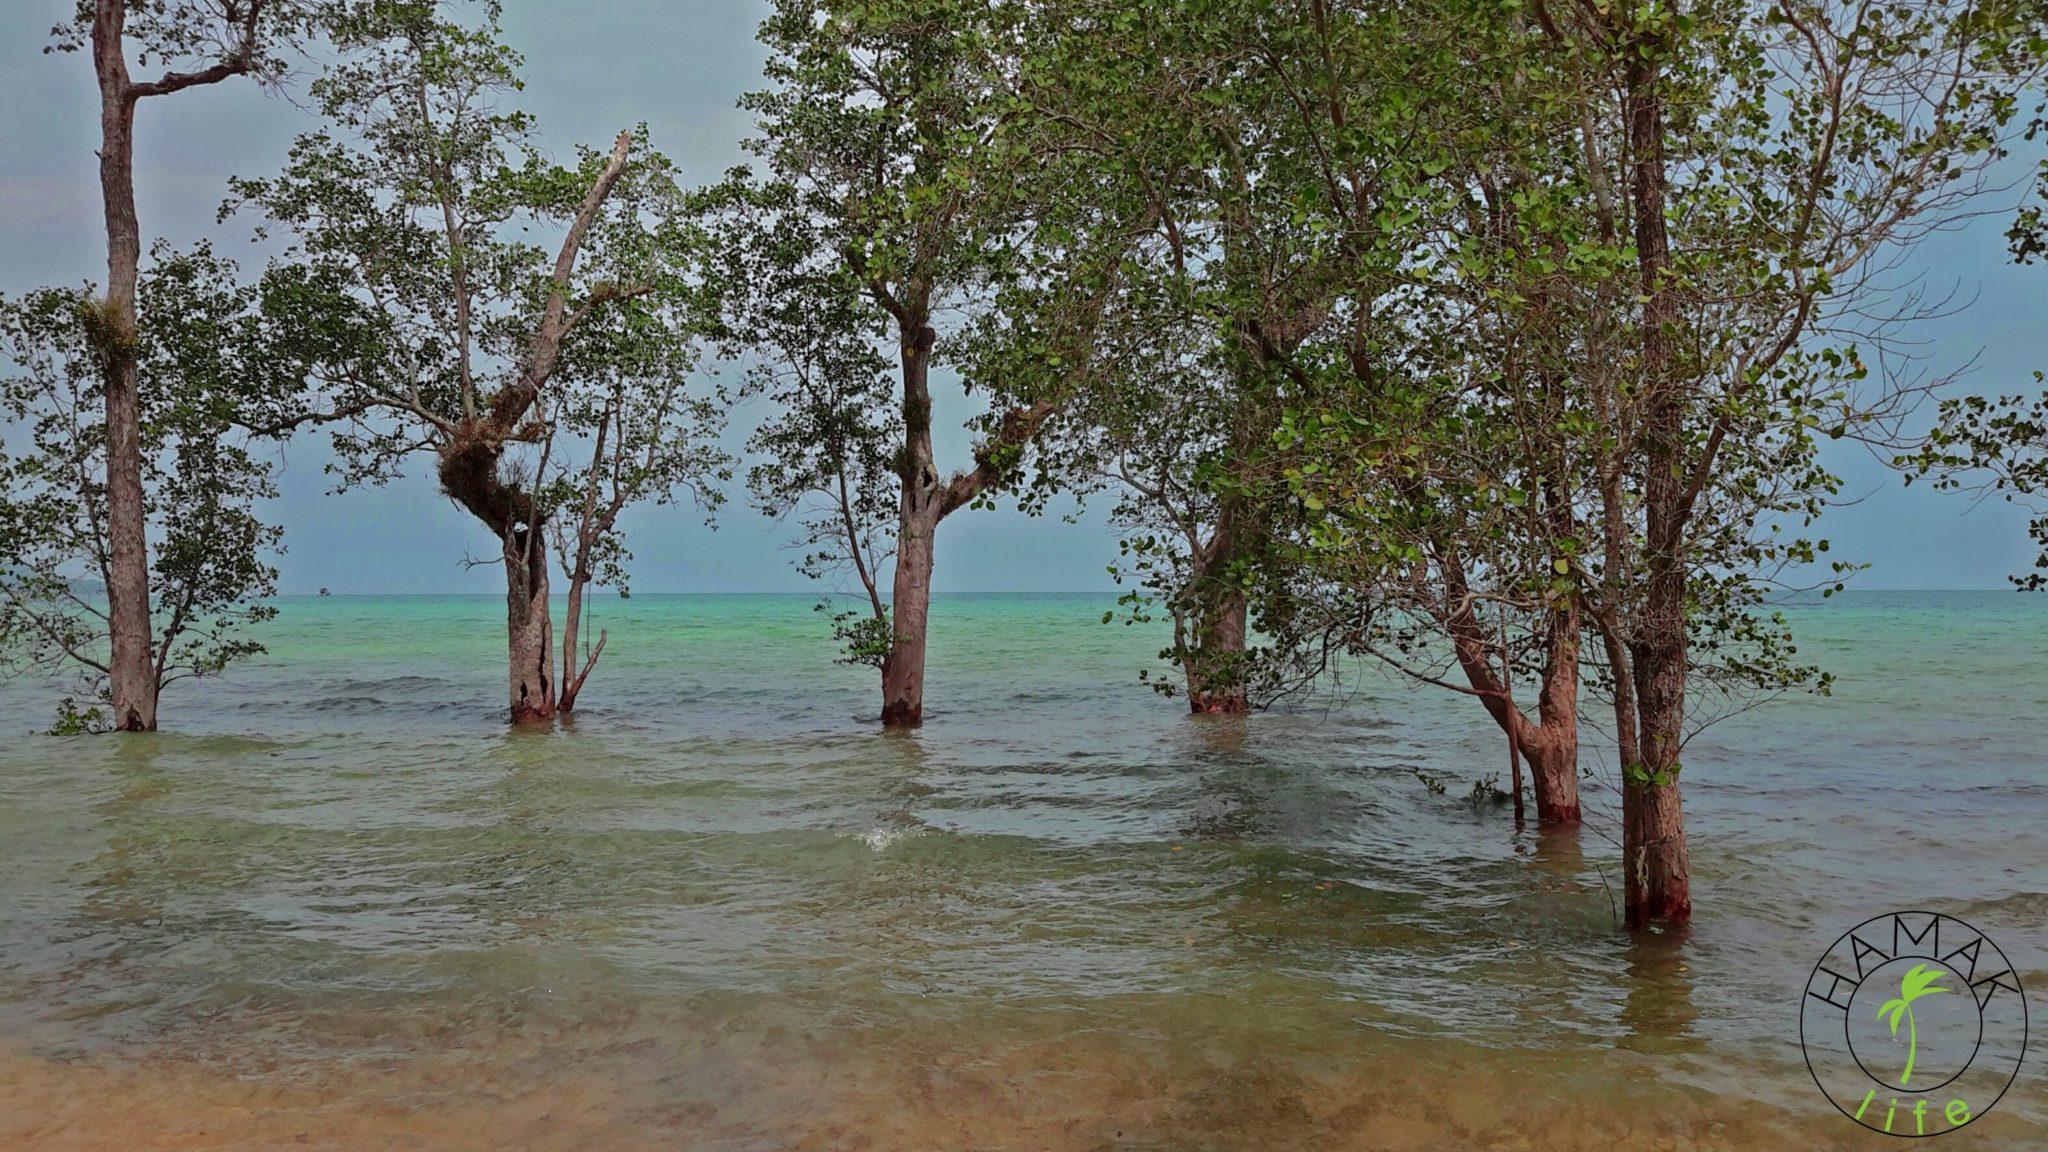 Pulau Tioman. Roślinność namorzynowa, czyli drzewa nad brzegiem morza. Rajskie widoki i dobra miejscówka na śniadanie z Wenus.